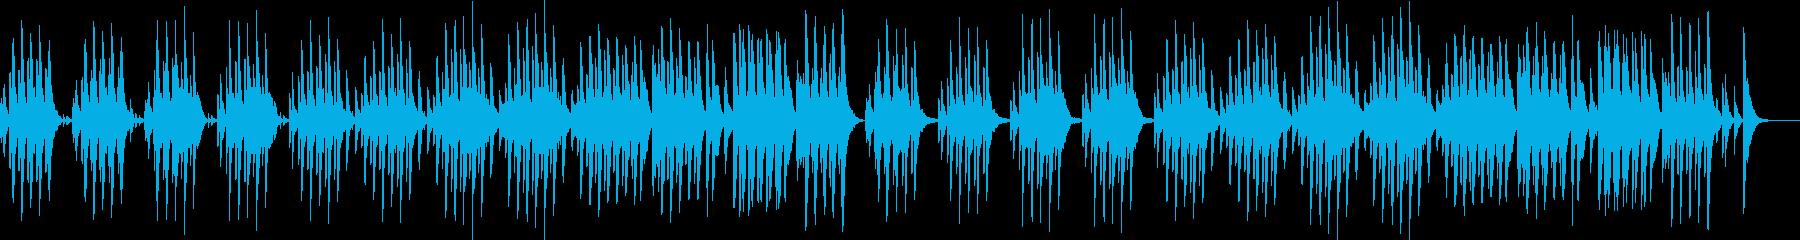 ほのぼの可愛い木琴の再生済みの波形